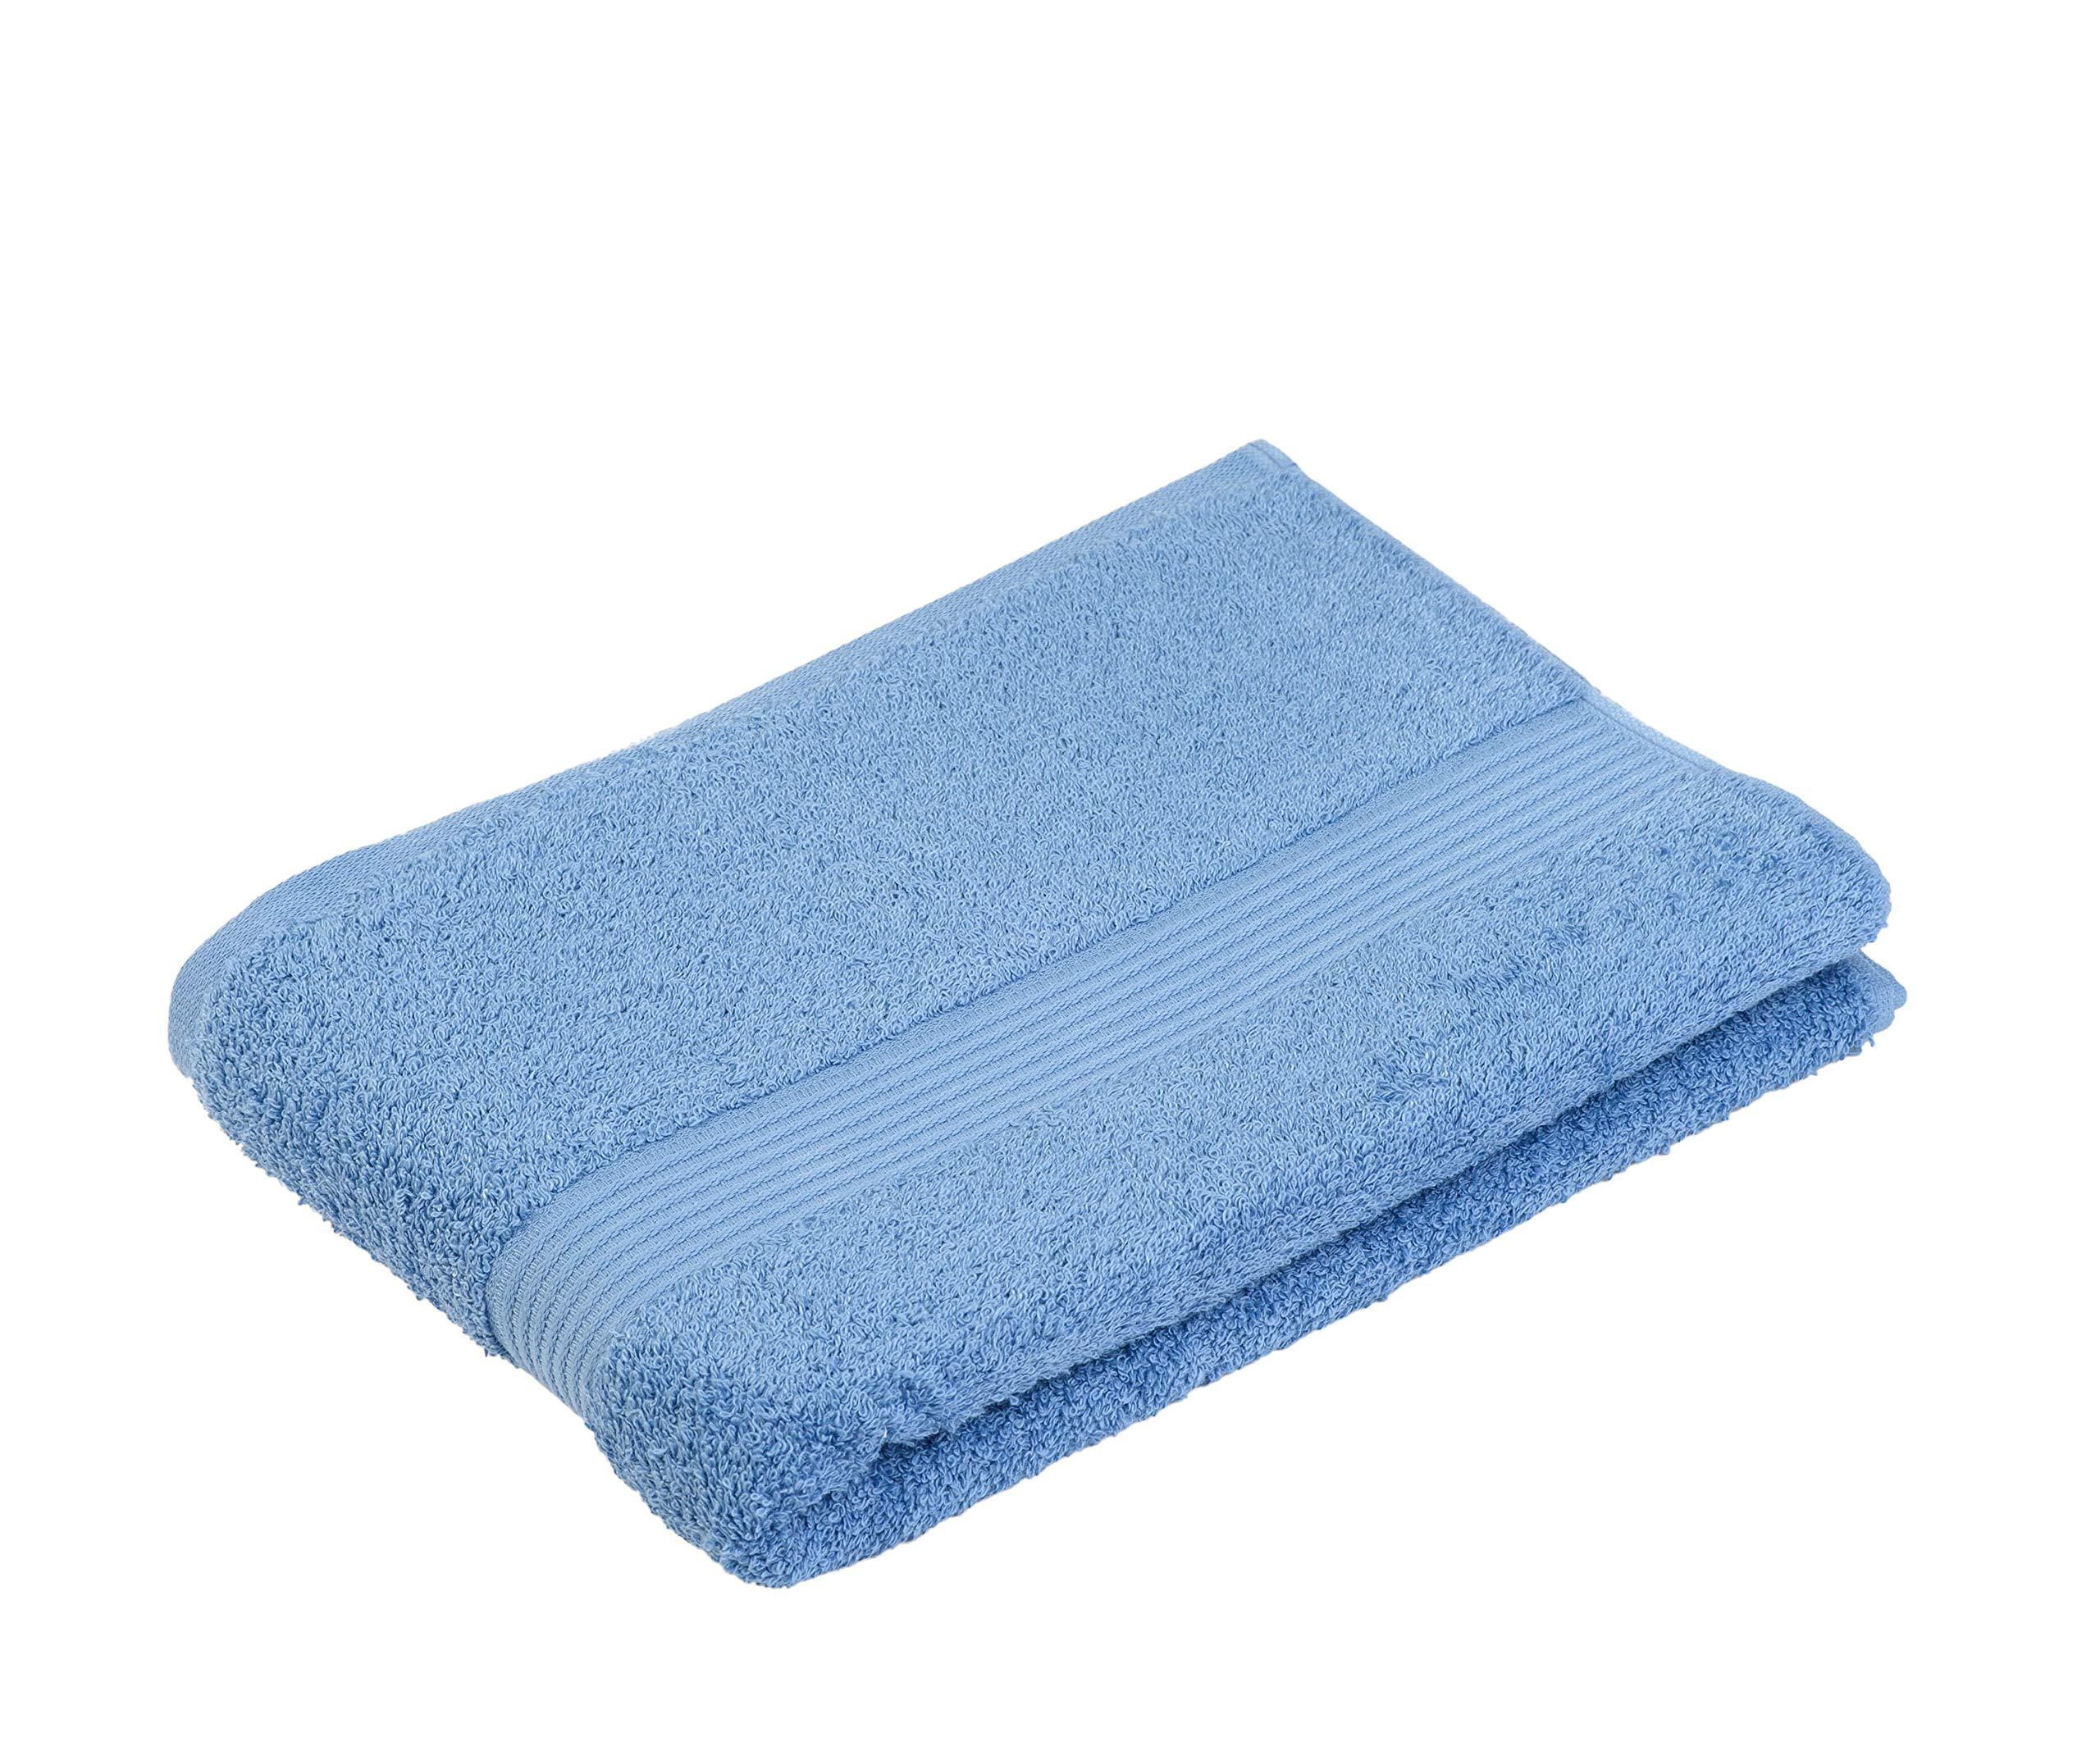 Gözze - Toalla de baño (70 x 140 cm, 100% algodón, Calidad 550 g/m², Certificado de Calidad Ökotex 100 Standard) product image